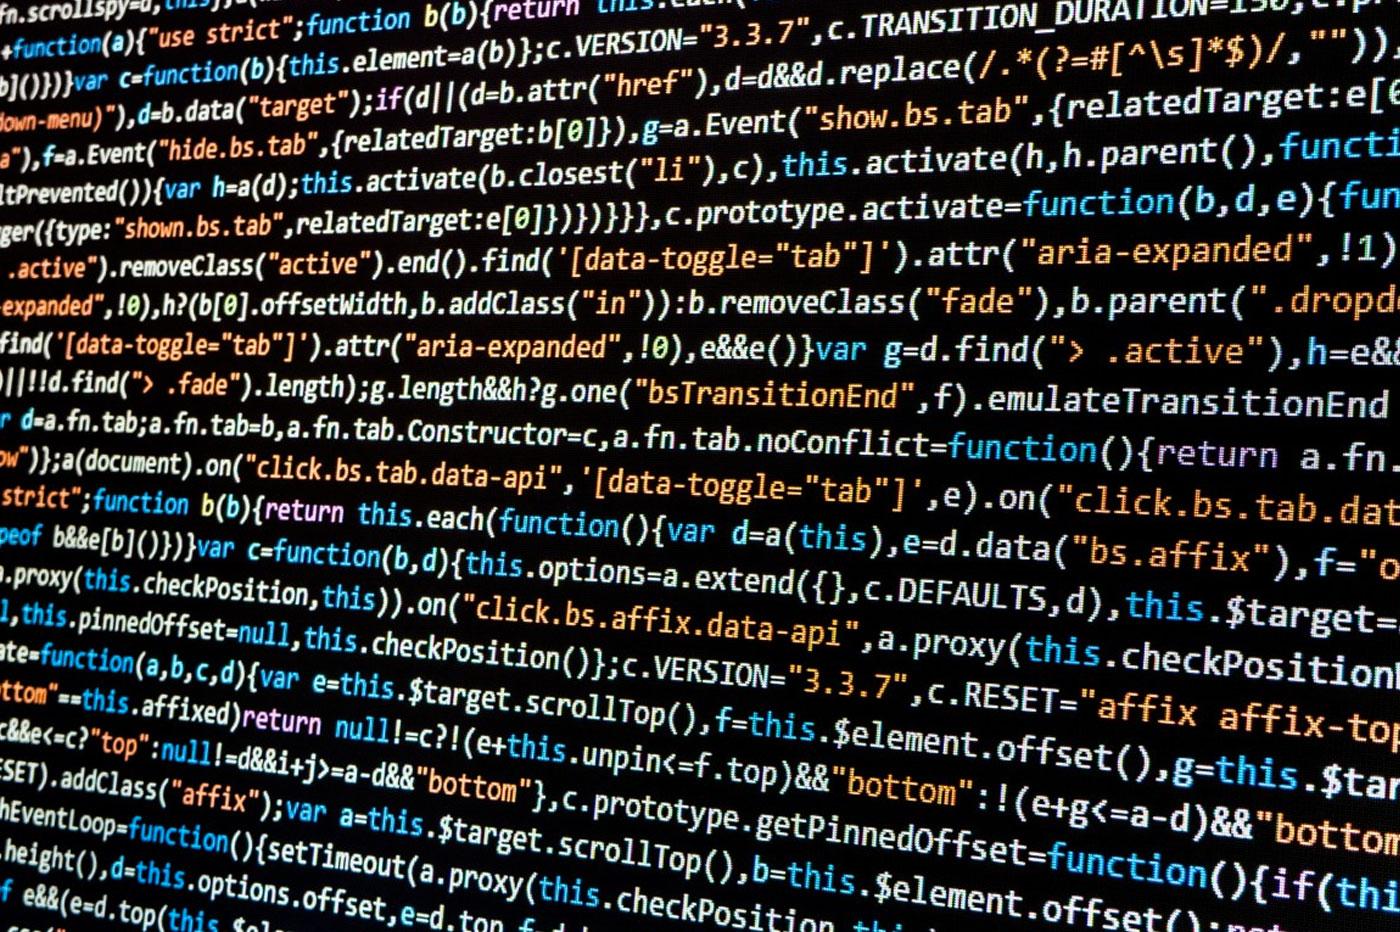 Ce nouveau ransomware cible les systèmes industriels